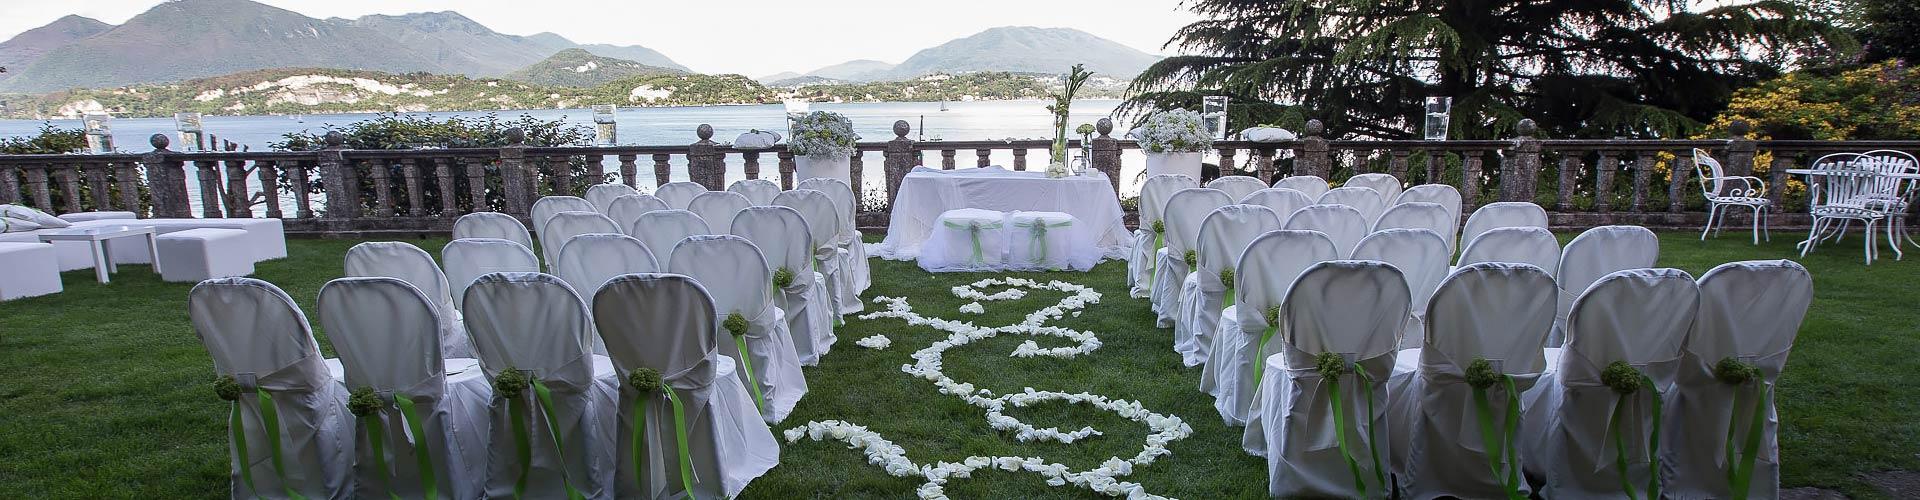 cerimonia-matrimonio-villa-claudia